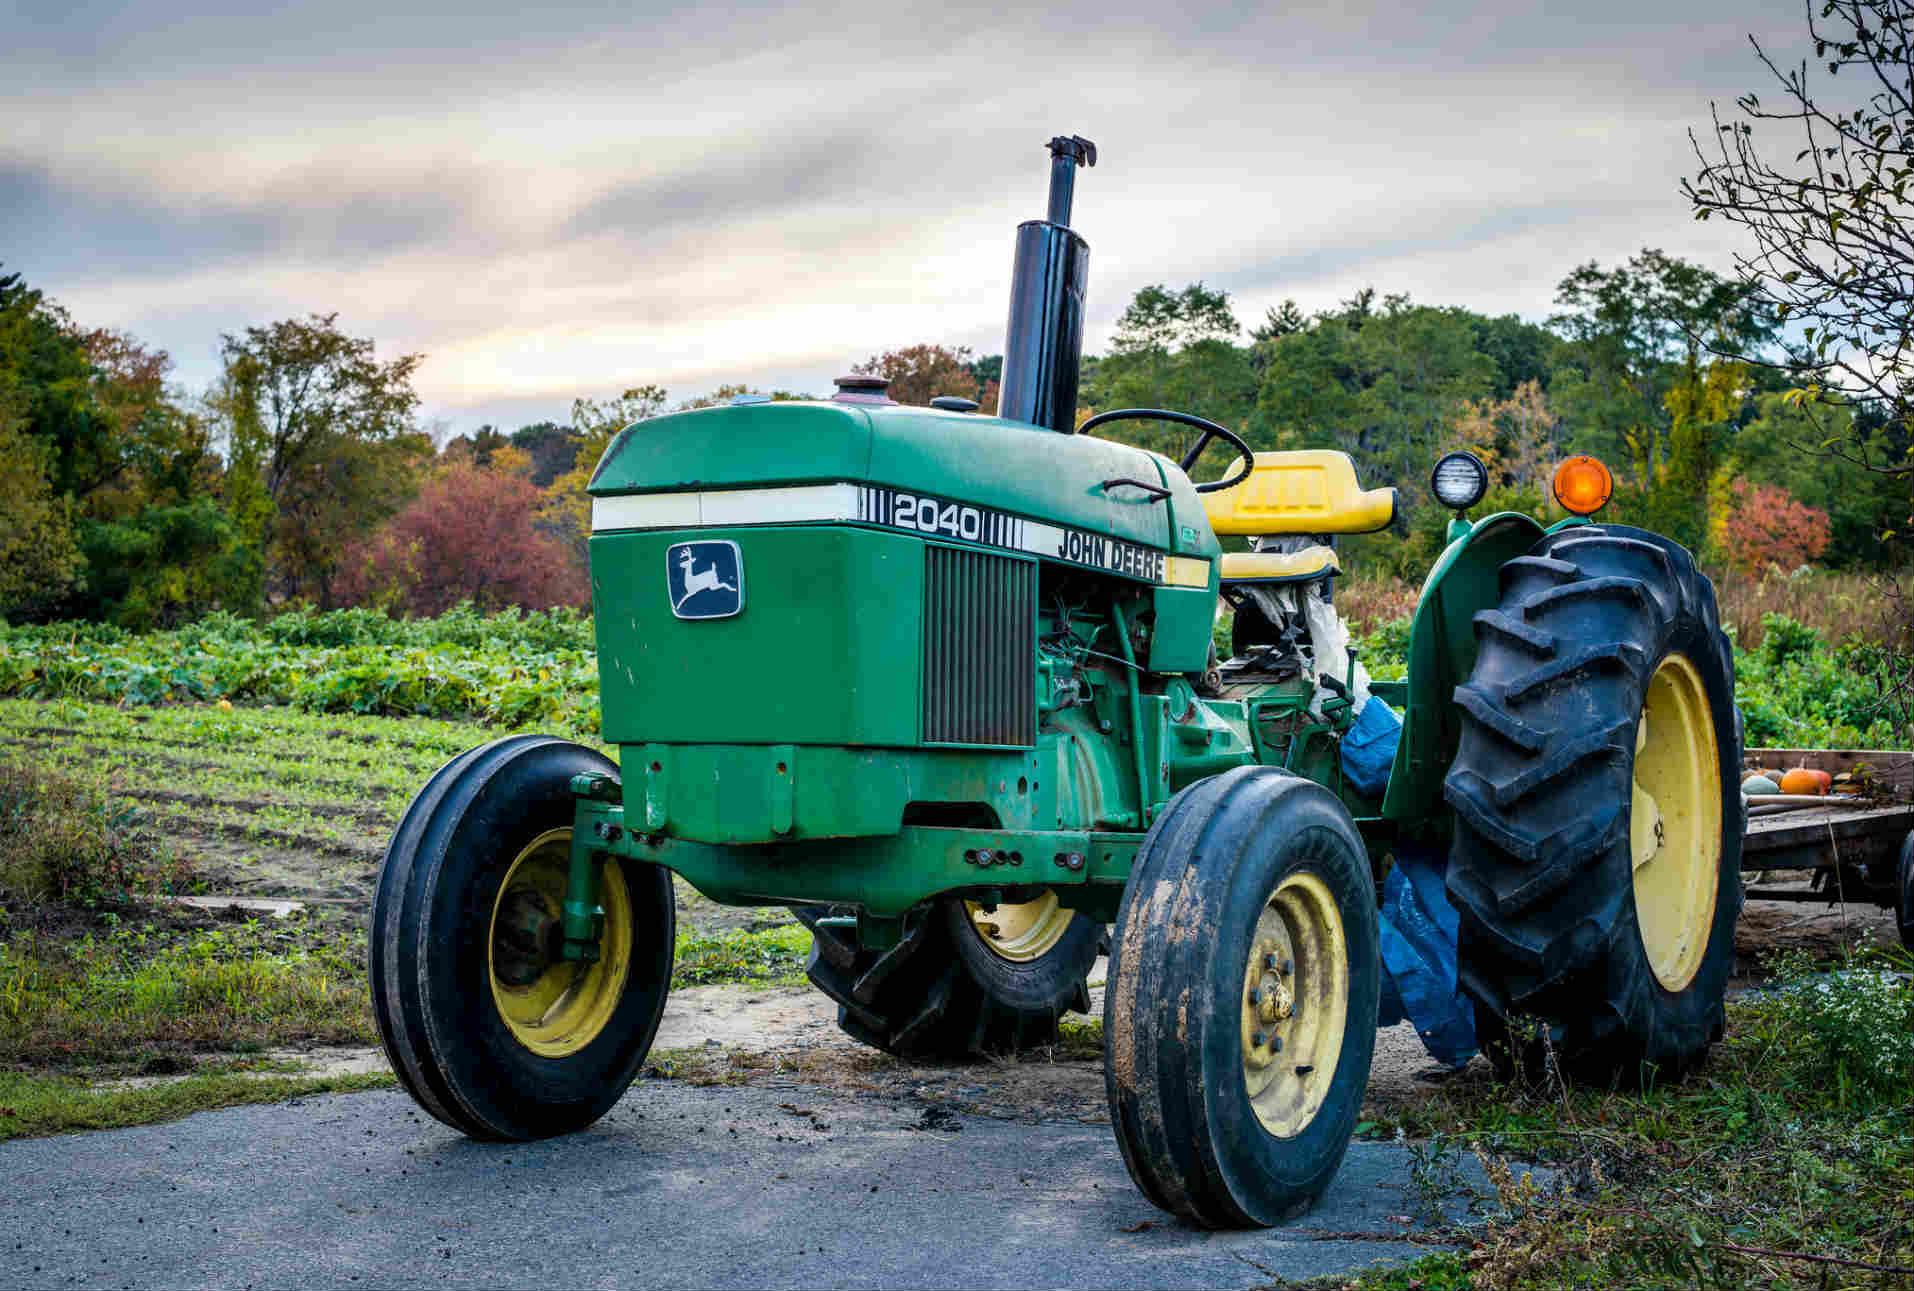 Granjeros en EE.UU. luchan por el derecho a reparar sus tractores